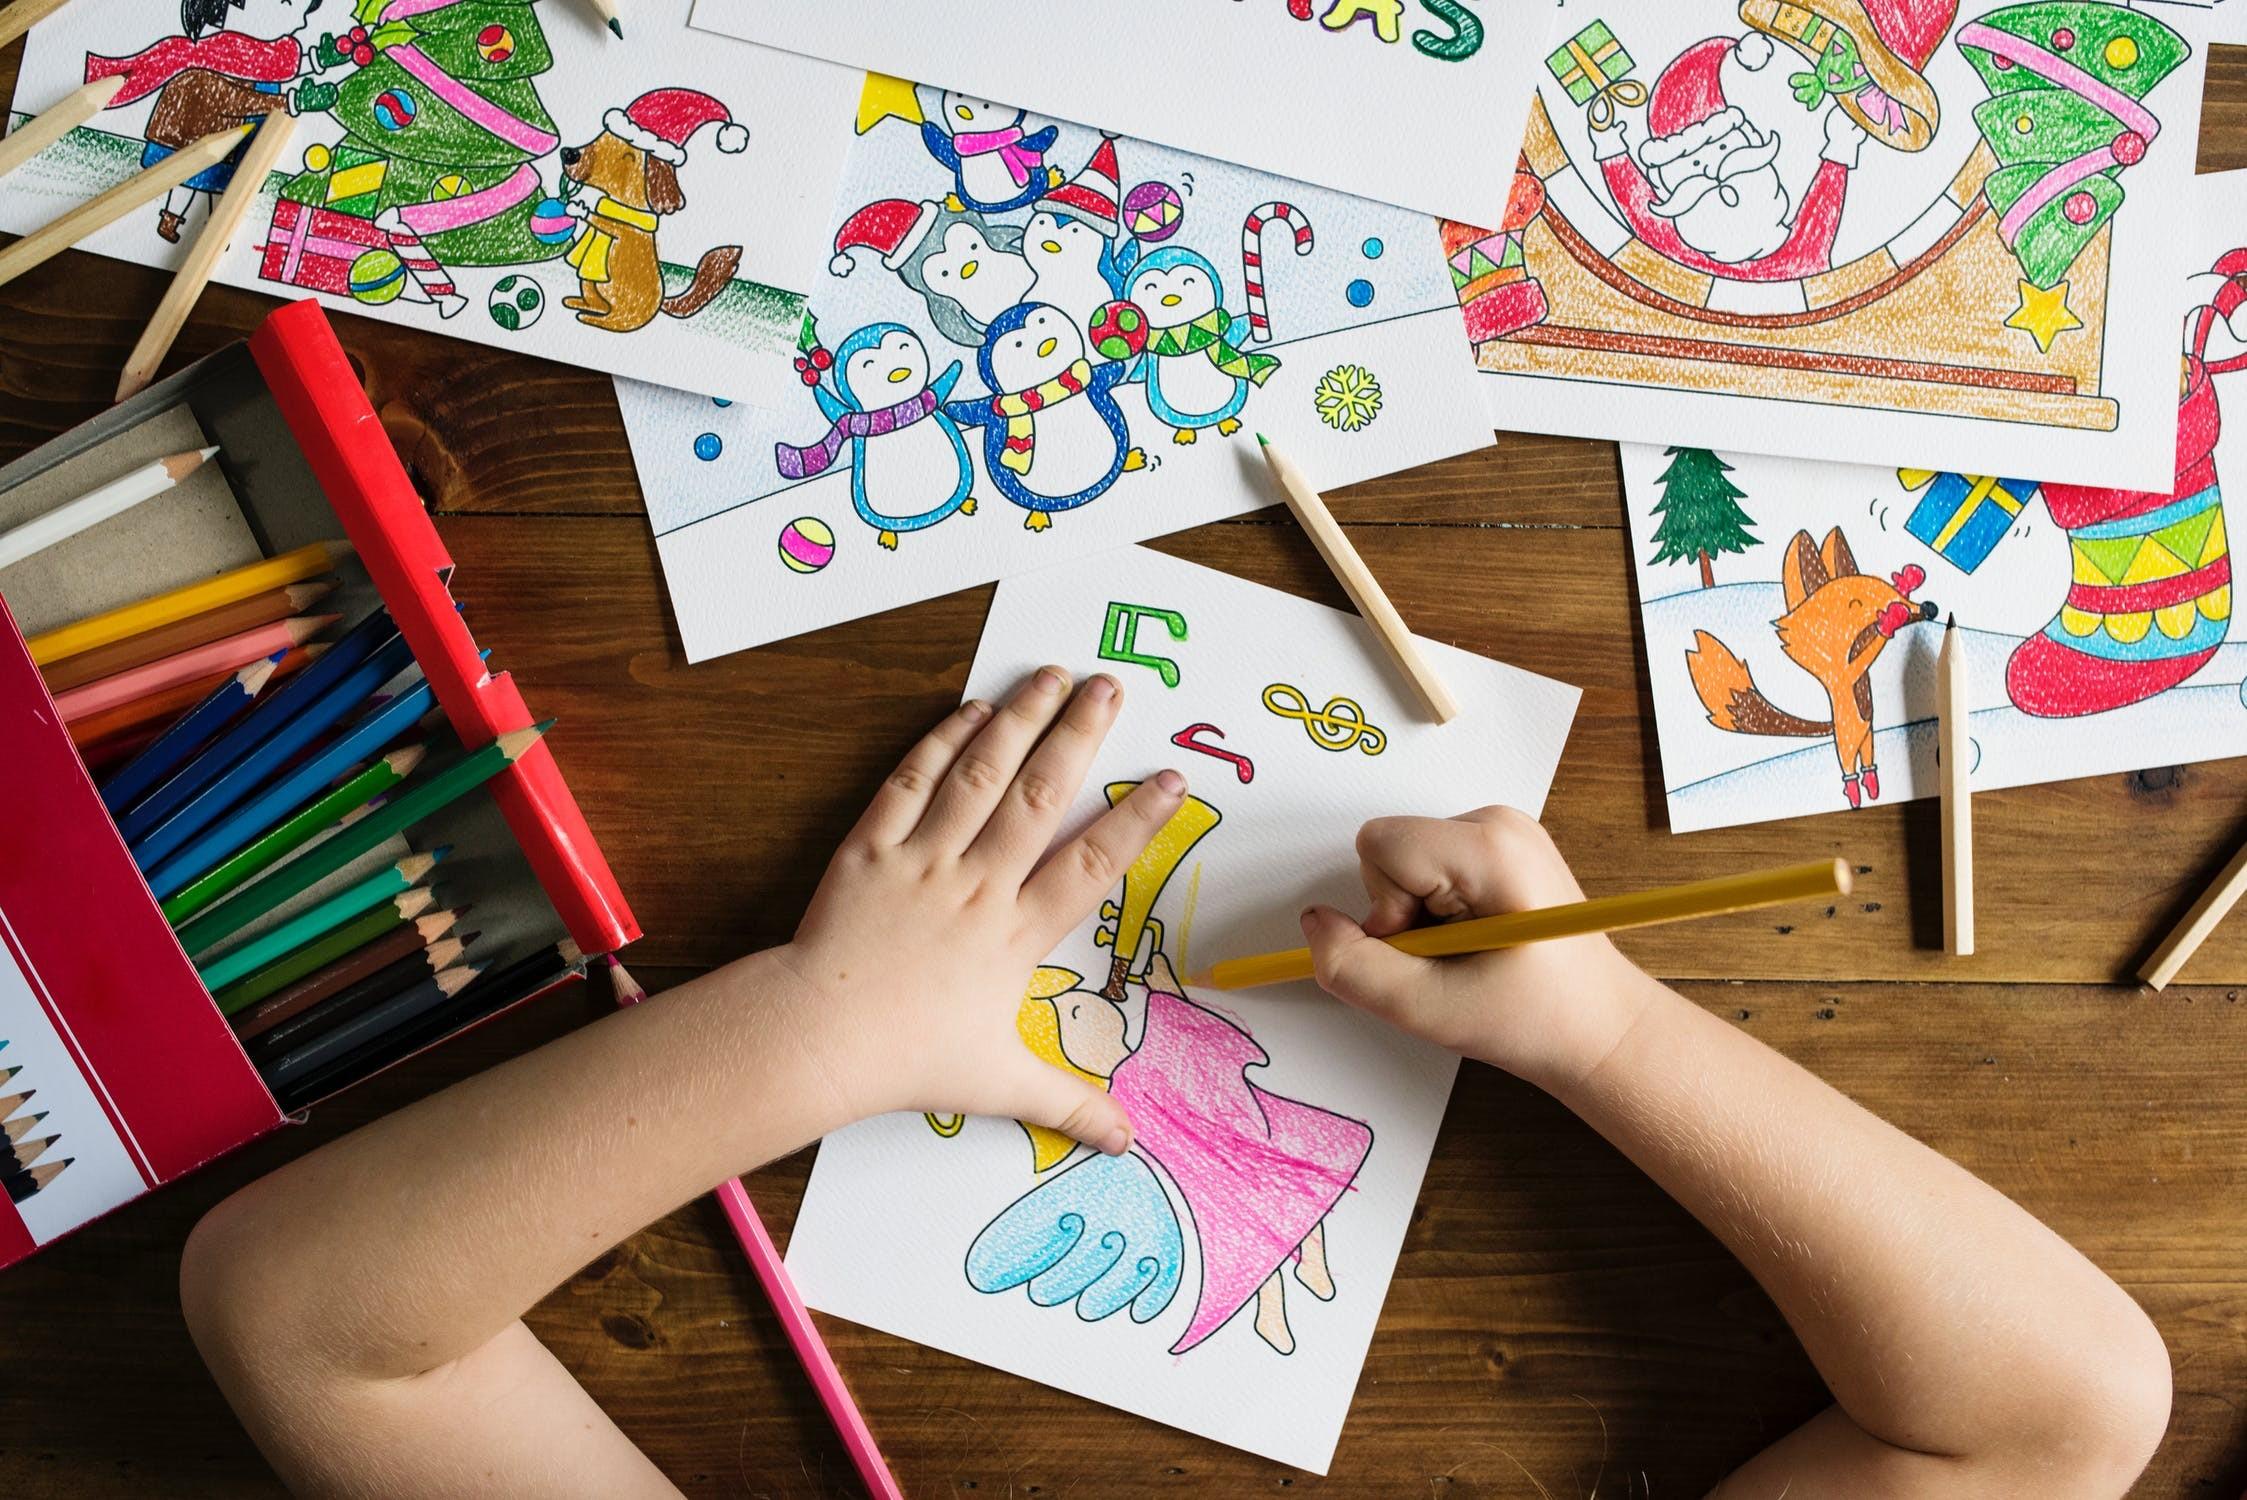 Nyári szünet – ezekkel a játékokkal készítse fel gyermekét az iskolára